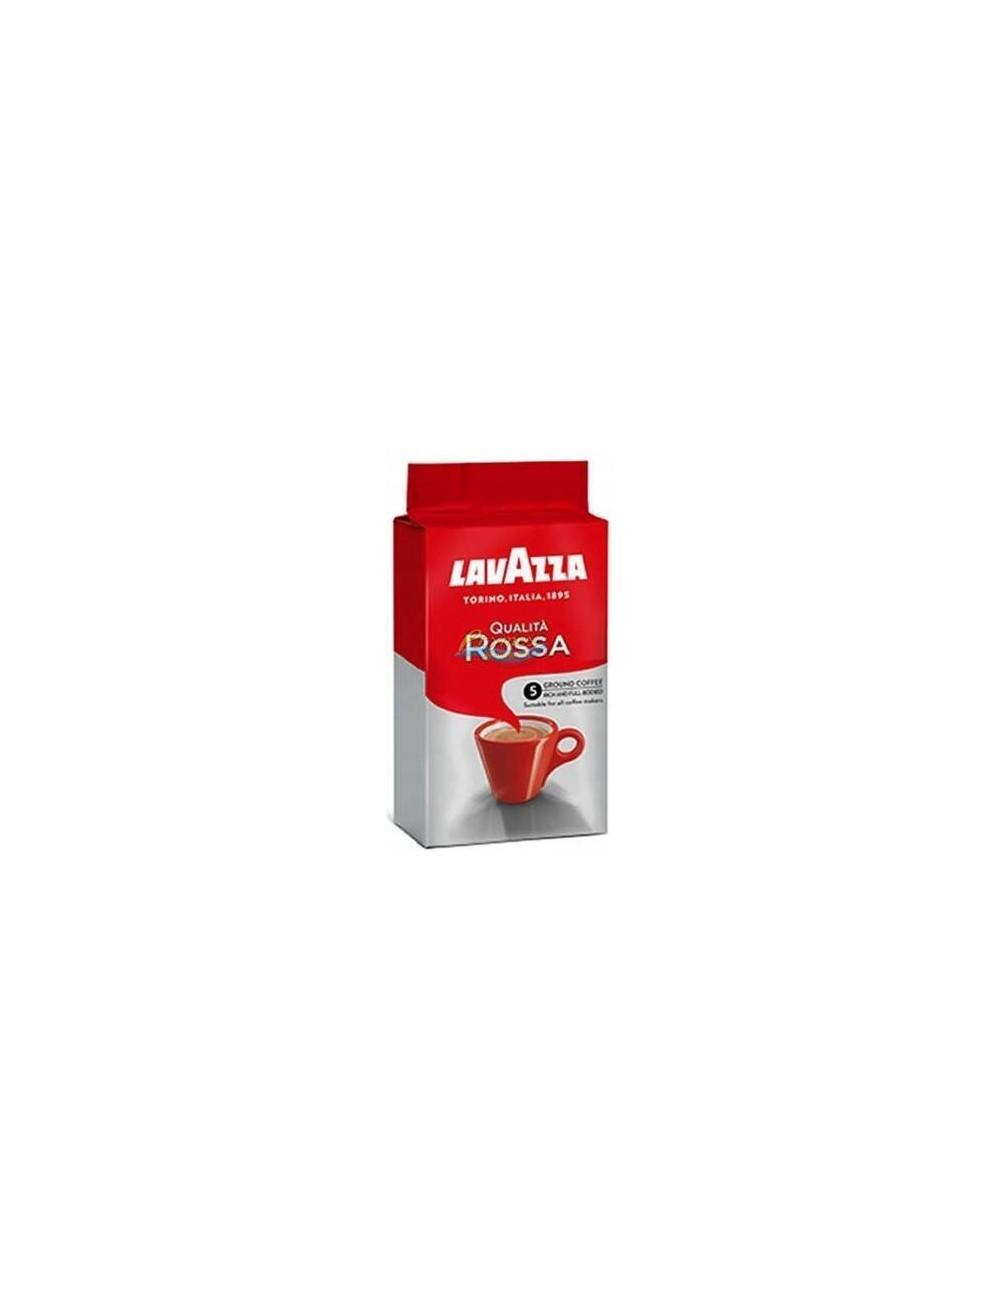 Lavazza Qualita Rossa Kawa Mielona w Torebce 250 g